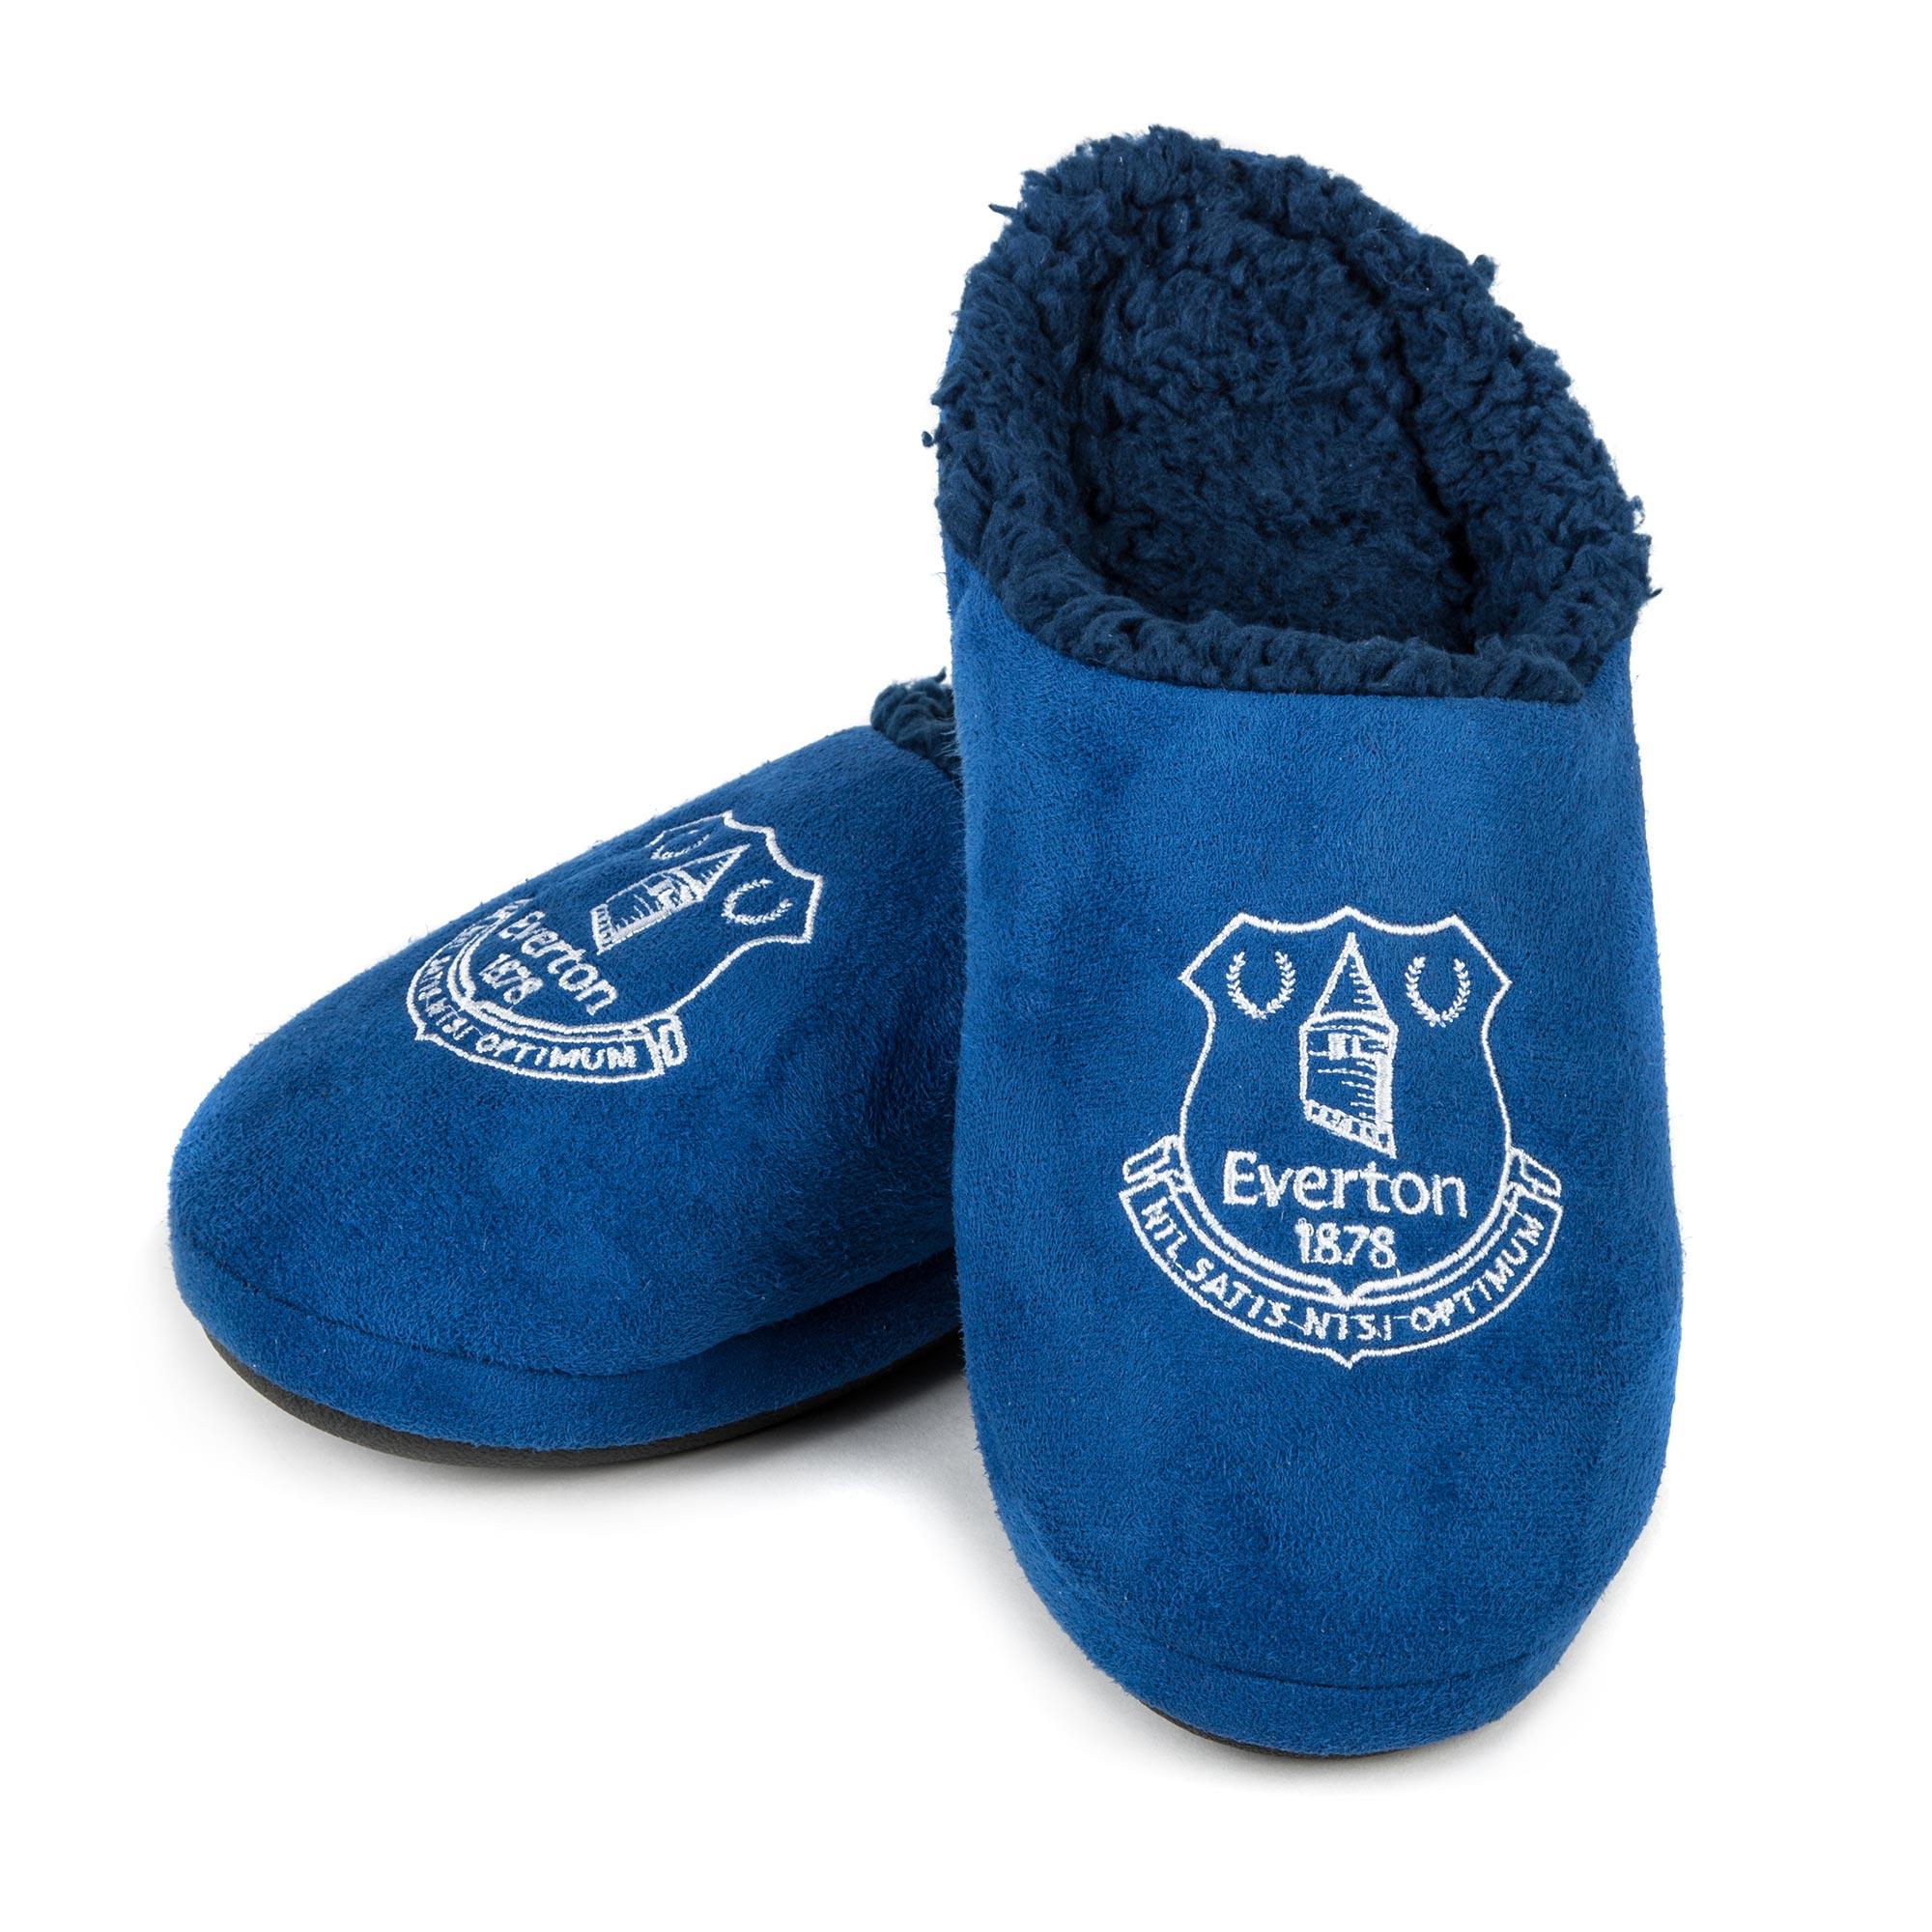 Everton Mule Slipper - Royal - Junior